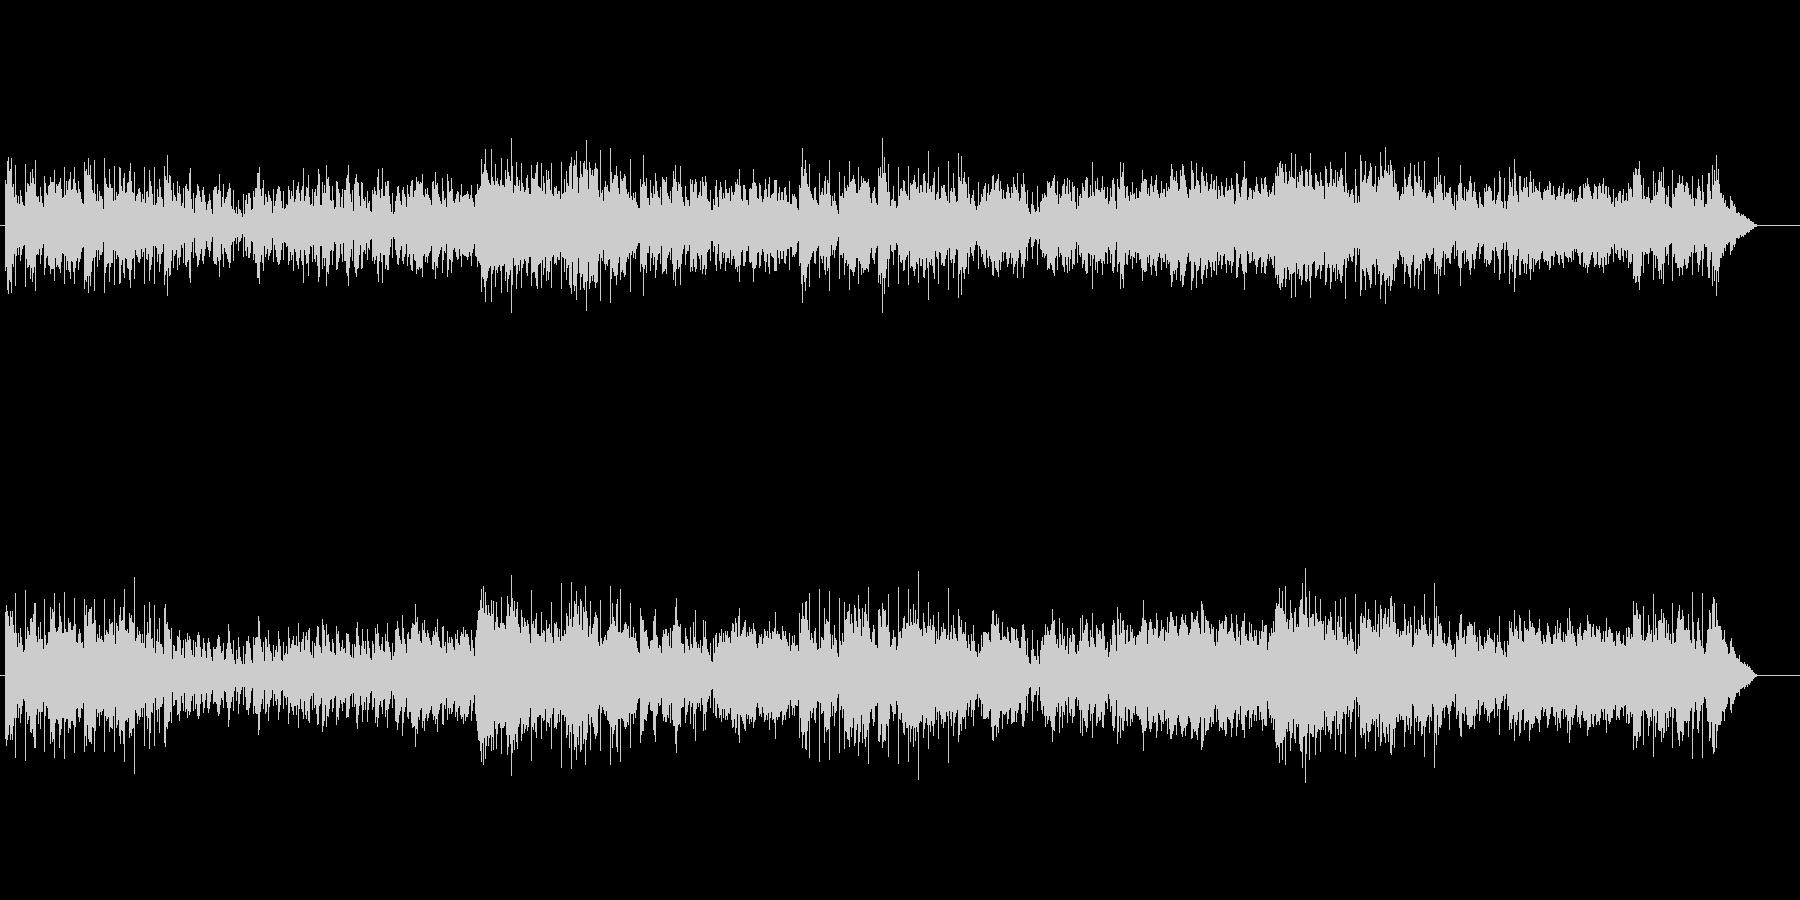 ニューミュージック系なピアノ・メロディーの未再生の波形